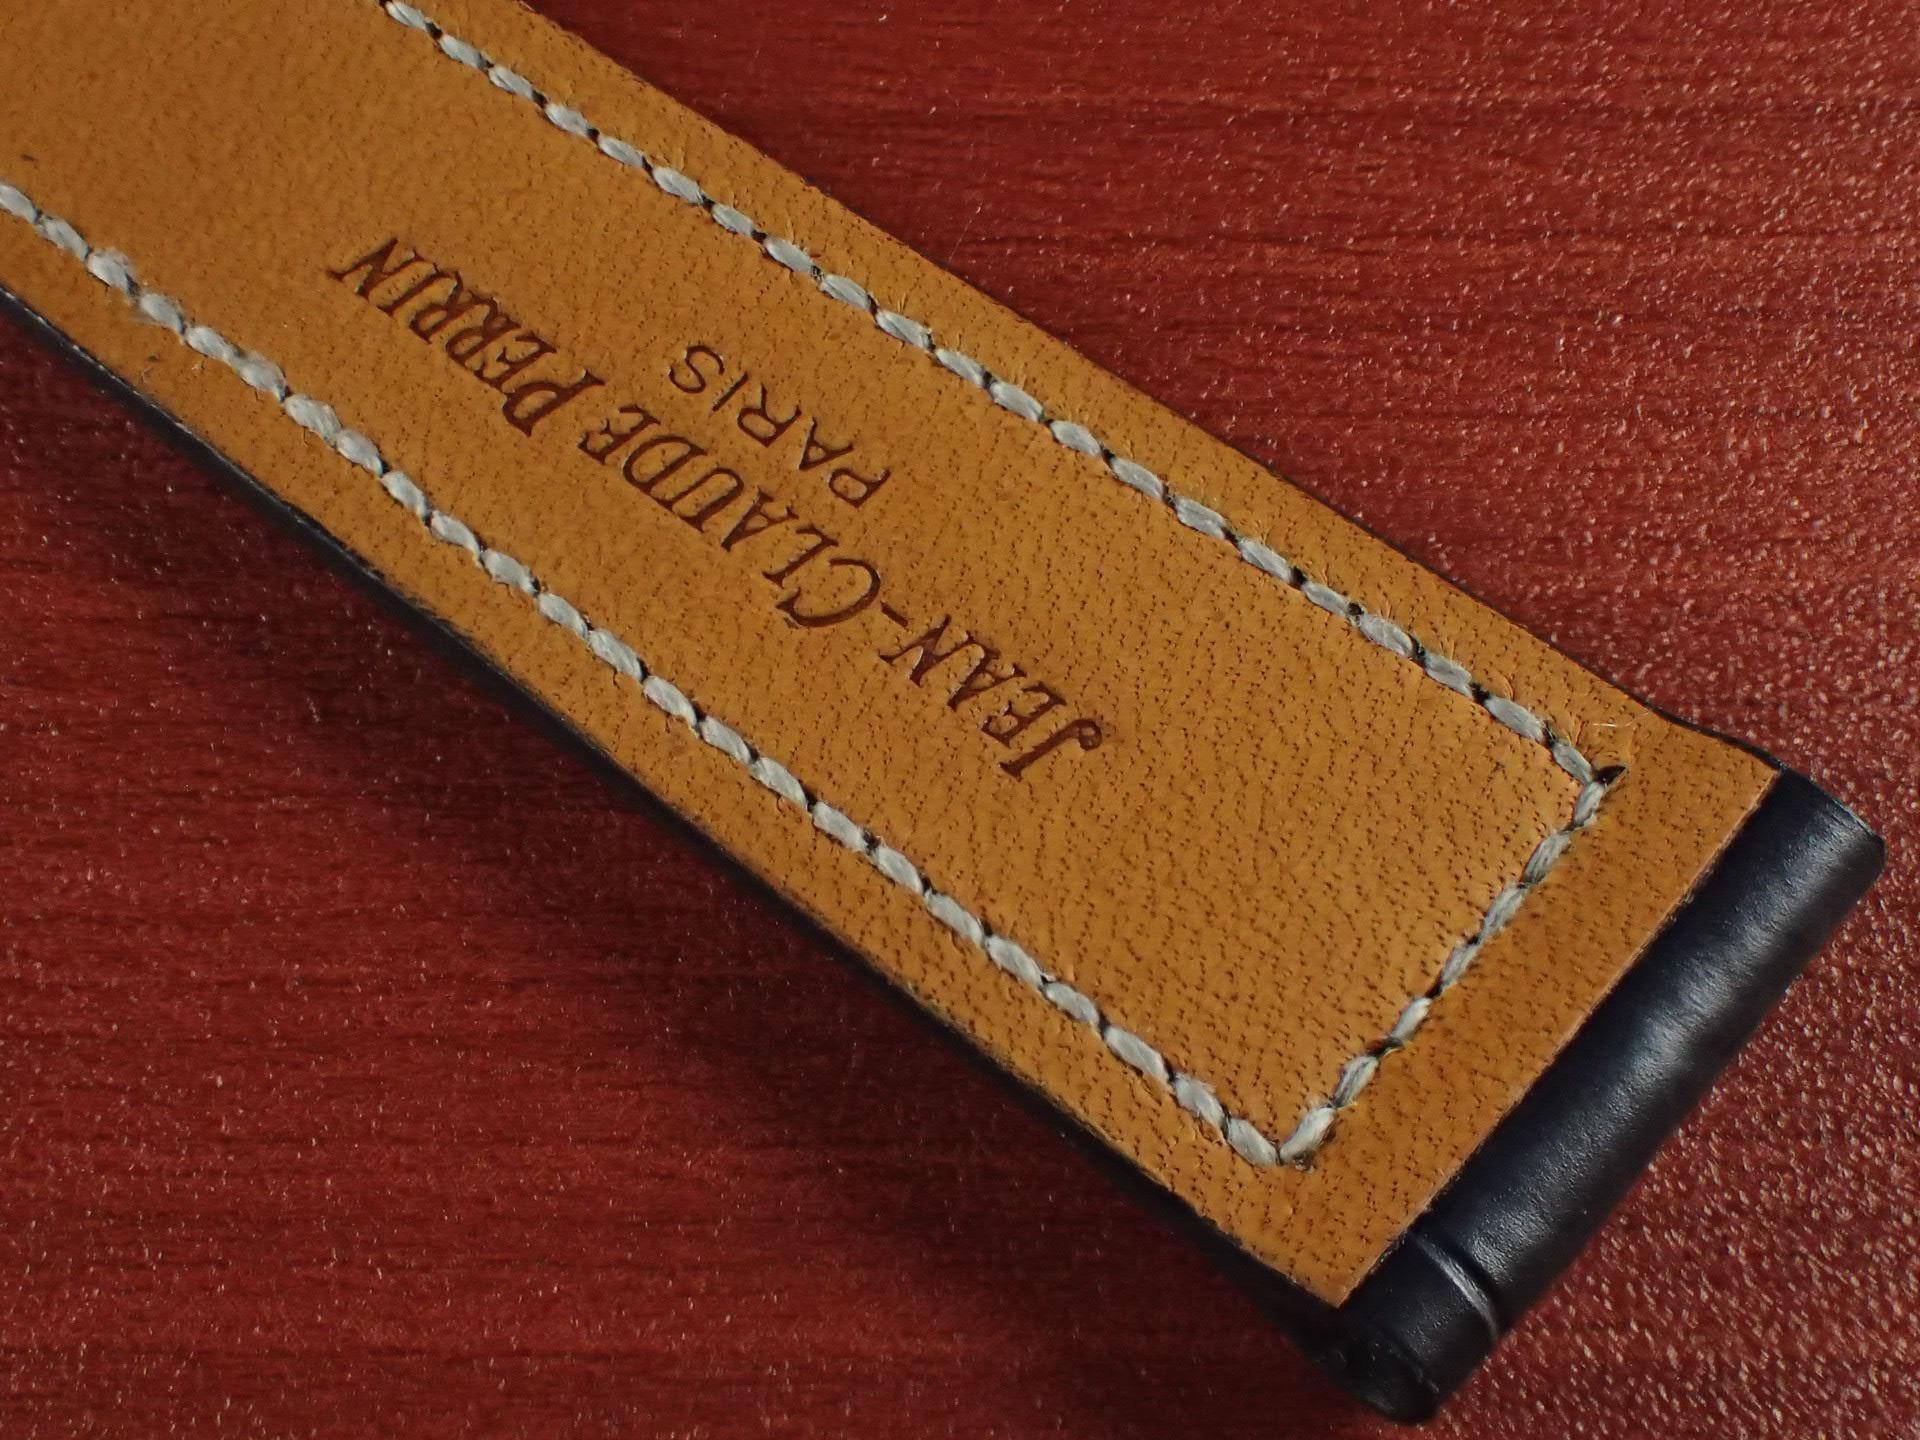 ジャン・クロード ペラン革ベルト クロコダイル ミッドナイトブルー 18mmの写真6枚目